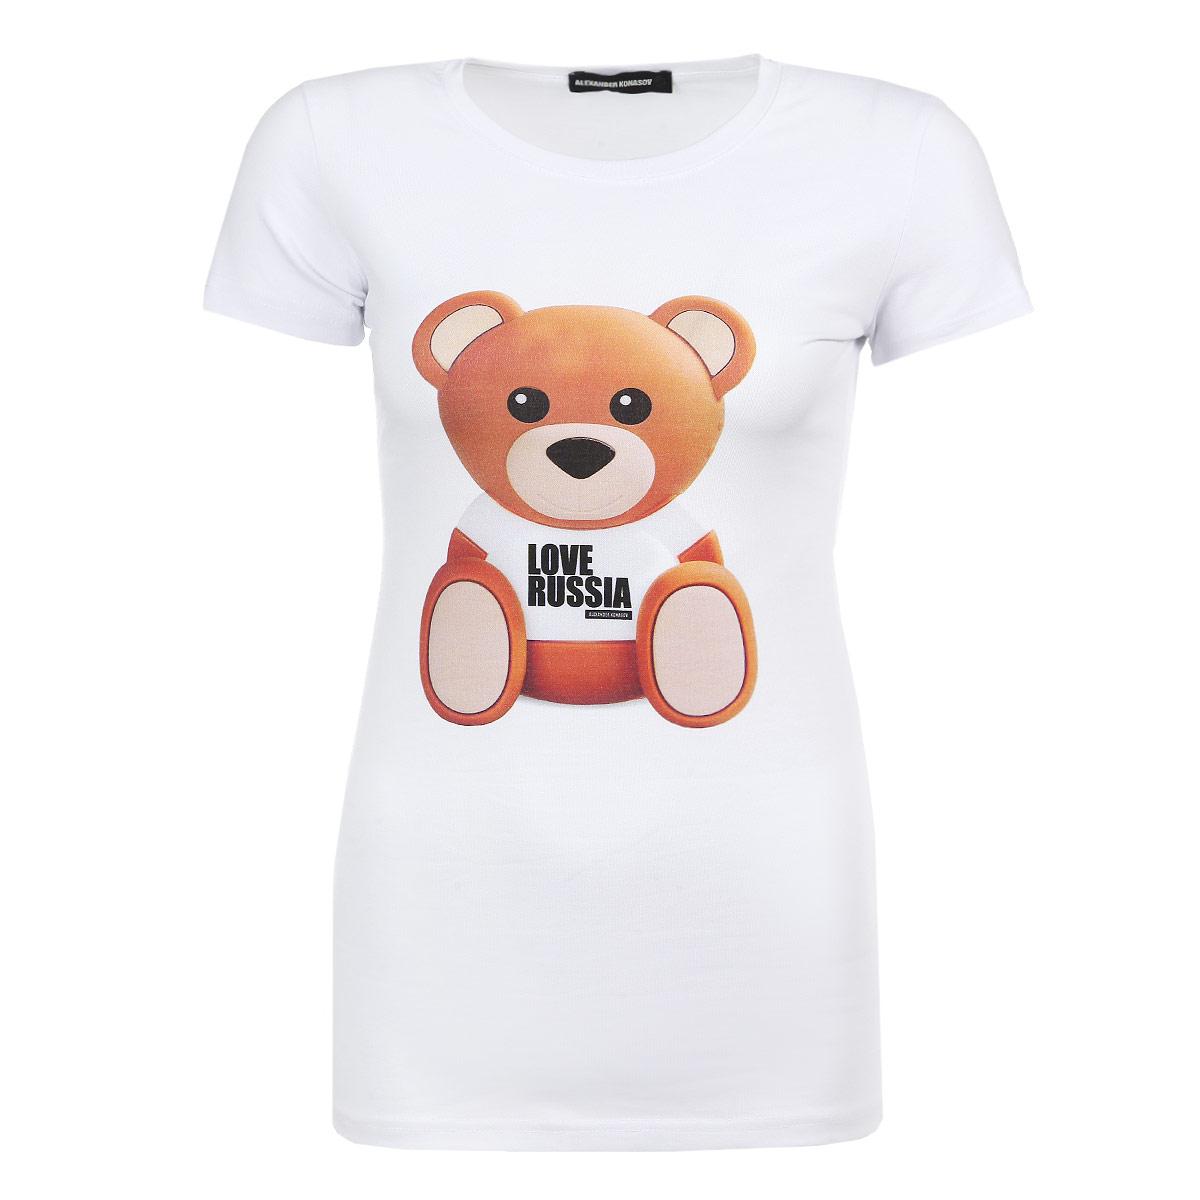 ФутболкаBear Love RussiaСтильная женская футболка Alexander Konasov Bear Love Russia, выполненная из высококачественного мягкого хлопка с небольшим добавлением лайкры, обладает высокой теплопроводностью, воздухопроницаемостью и гигроскопичностью, позволяет коже дышать. Футболка трапециевидного кроя с короткими рукавами и круглым вырезом горловины спереди оформлена оригинальным принтом с крупным изображением медвежонка в футболке с надписью Love Russia. Эта футболка - идеальный вариант для создания эффектного образа. Все изделия бренда Alexander Konasov кроятся только по лекалам из высококачественной ткани, идеально сидят на фигуре, после стирки не деформируются.